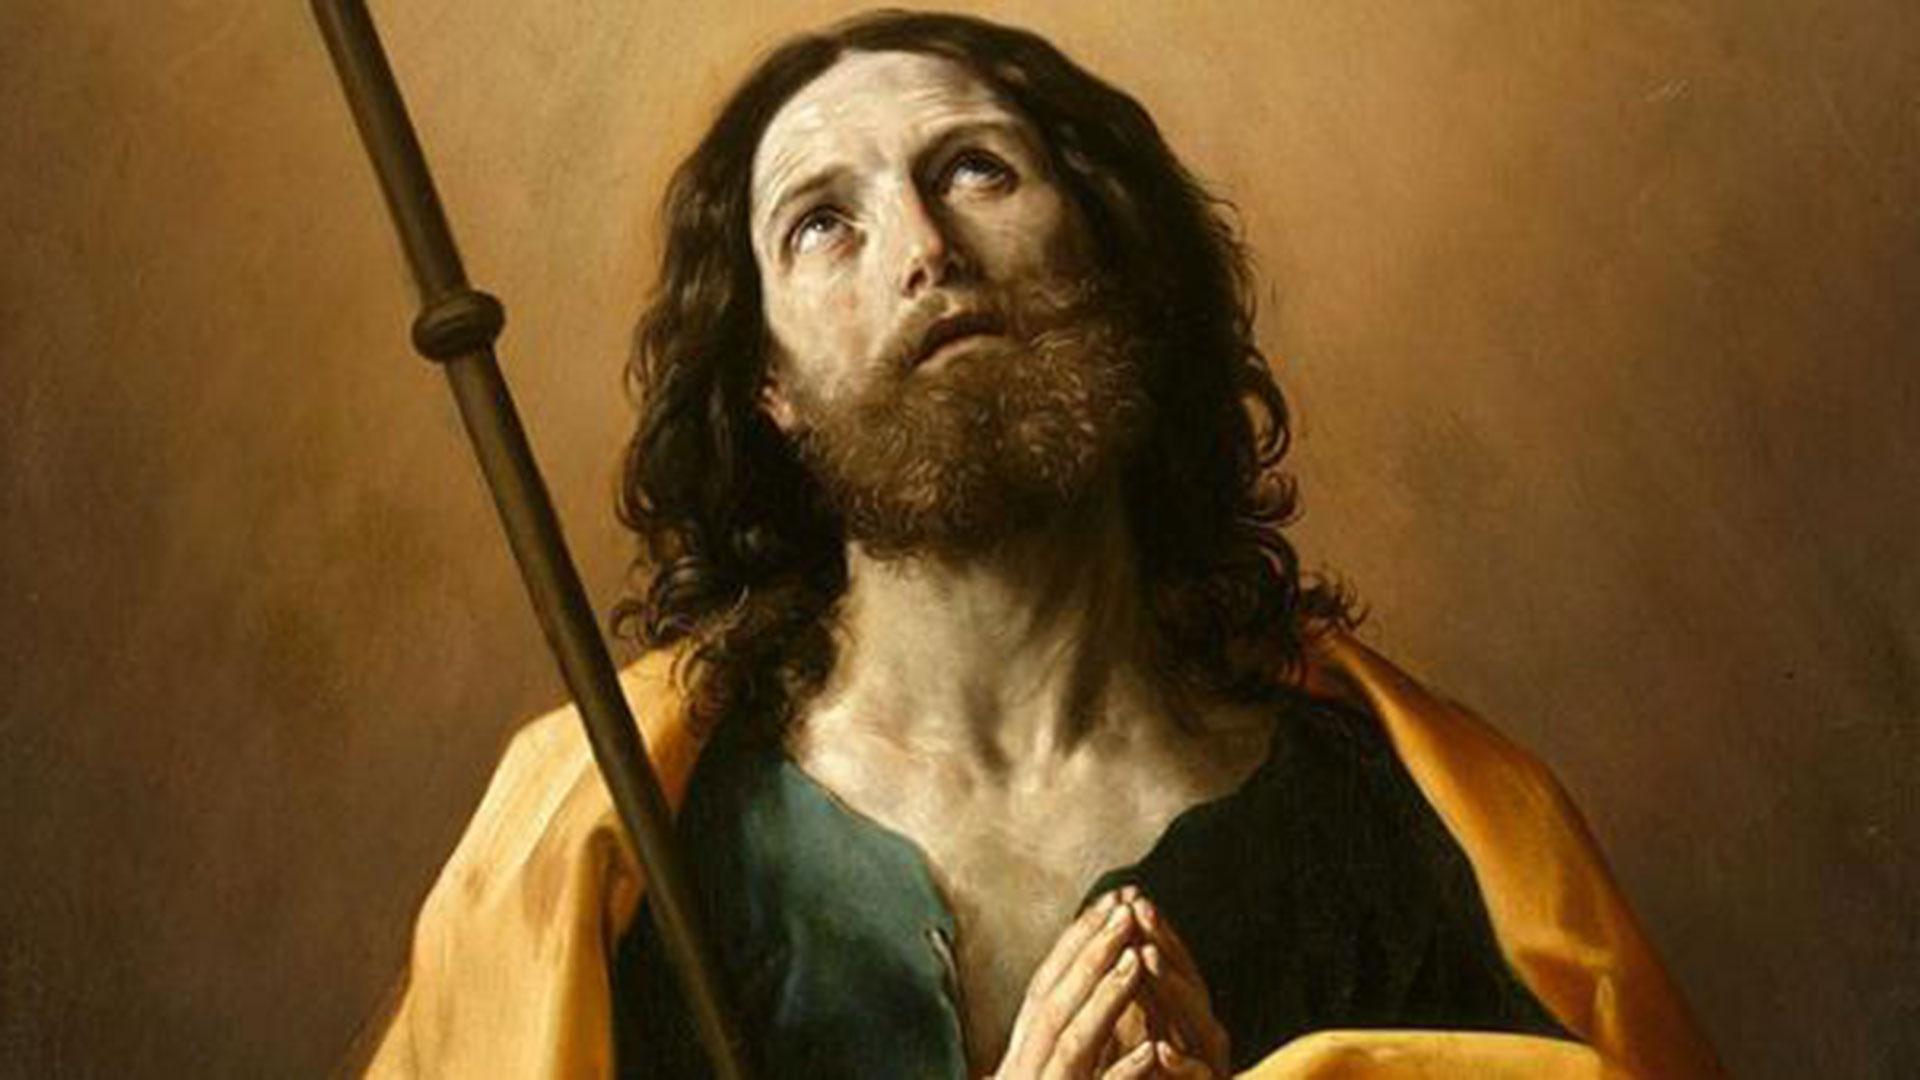 Una leyenda popular cultivada por la Iglesia católica establece que el cuerpo de Jacobo Zebedeo, convertido en apóstol Santiago y decapitado hace dos milenios en Jerusalén